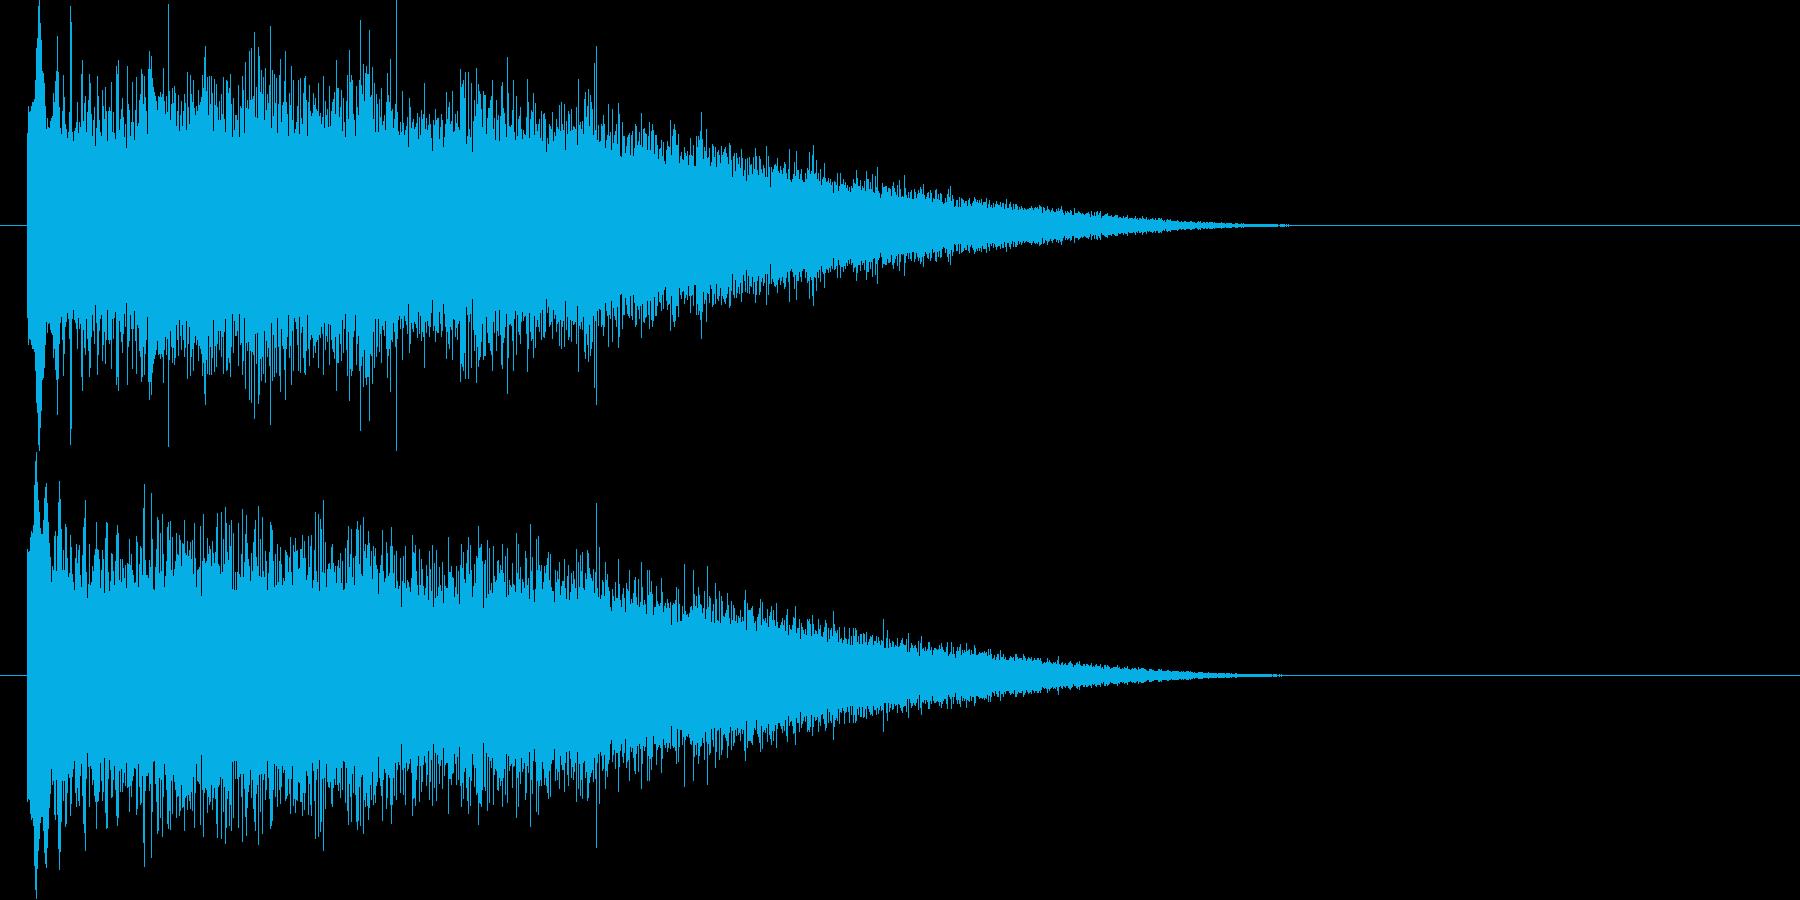 ぴゅーーん(大地を切り裂くビーム音)の再生済みの波形